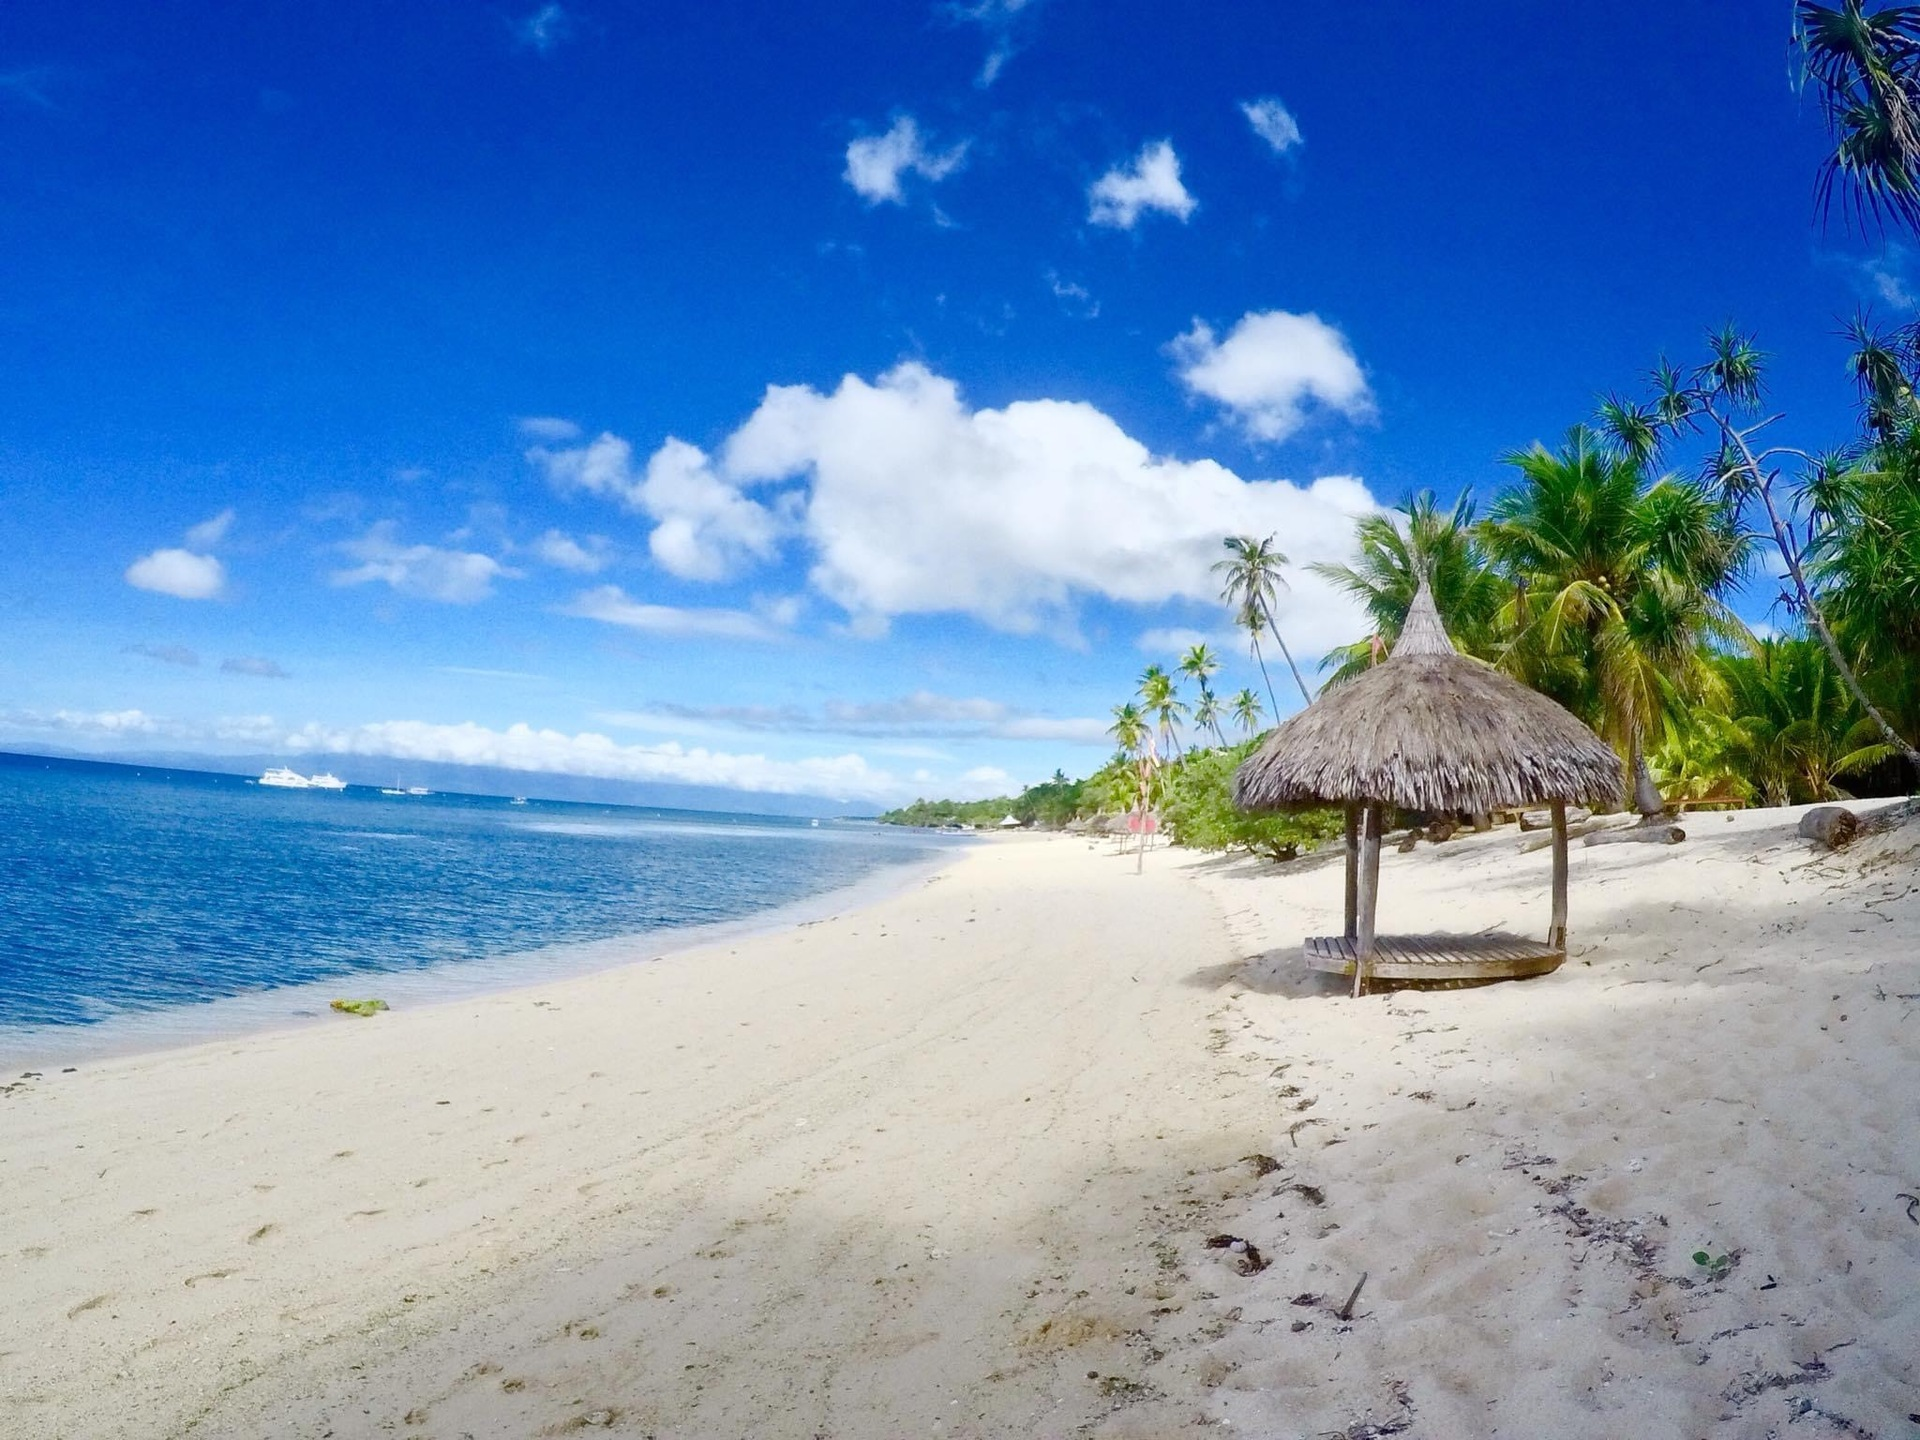 セブ島 | セブ島在住並木さんのおすすめエリア・地区